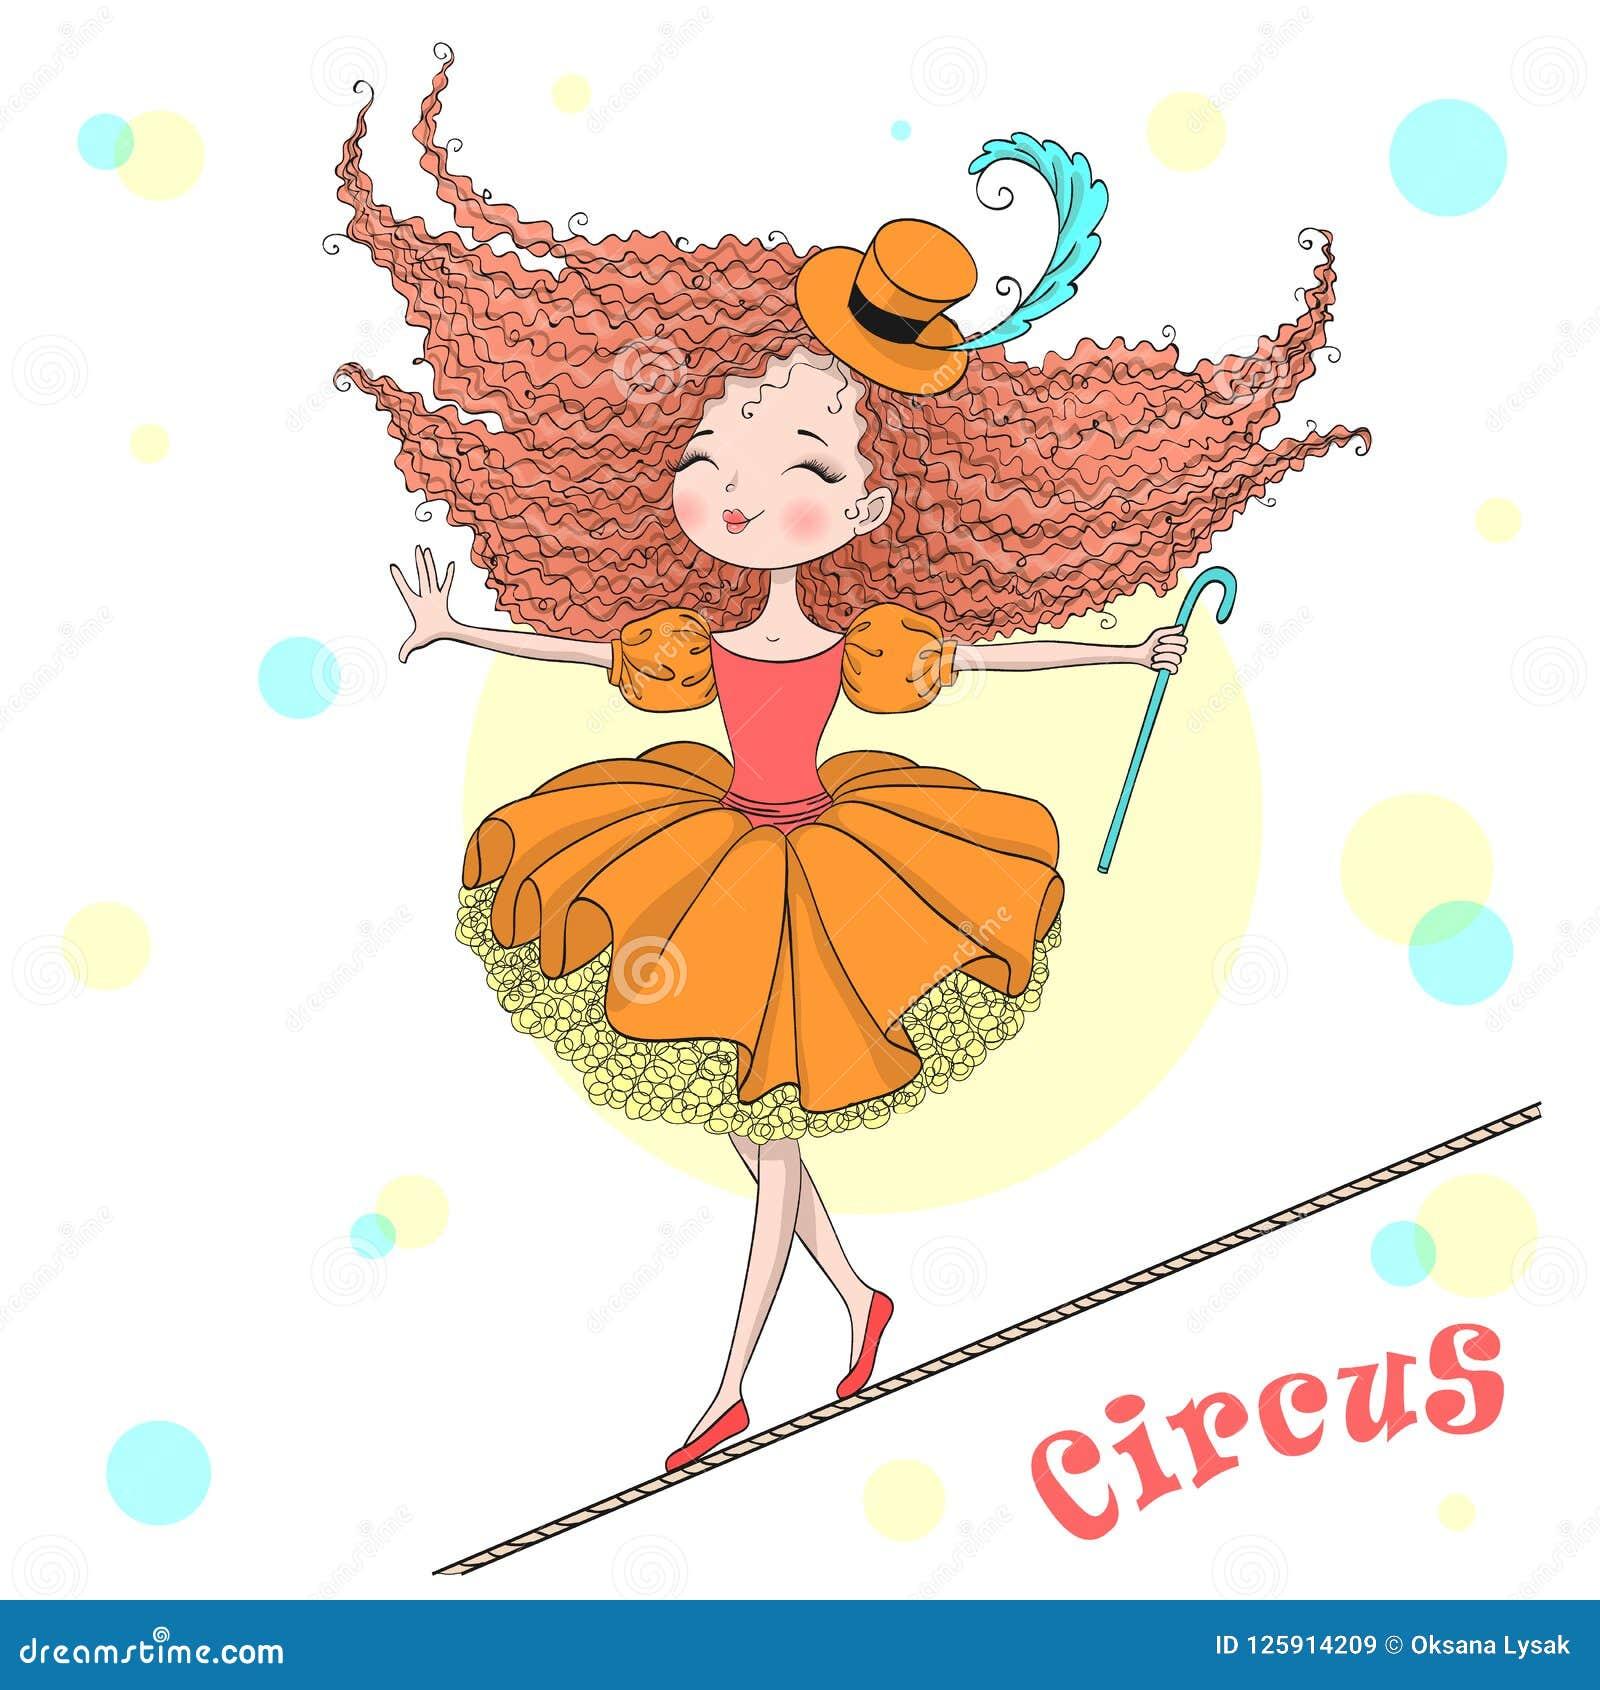 Balanserar den utdragna härliga gulliga lilla cirkusflickan för handen på en spänd lina